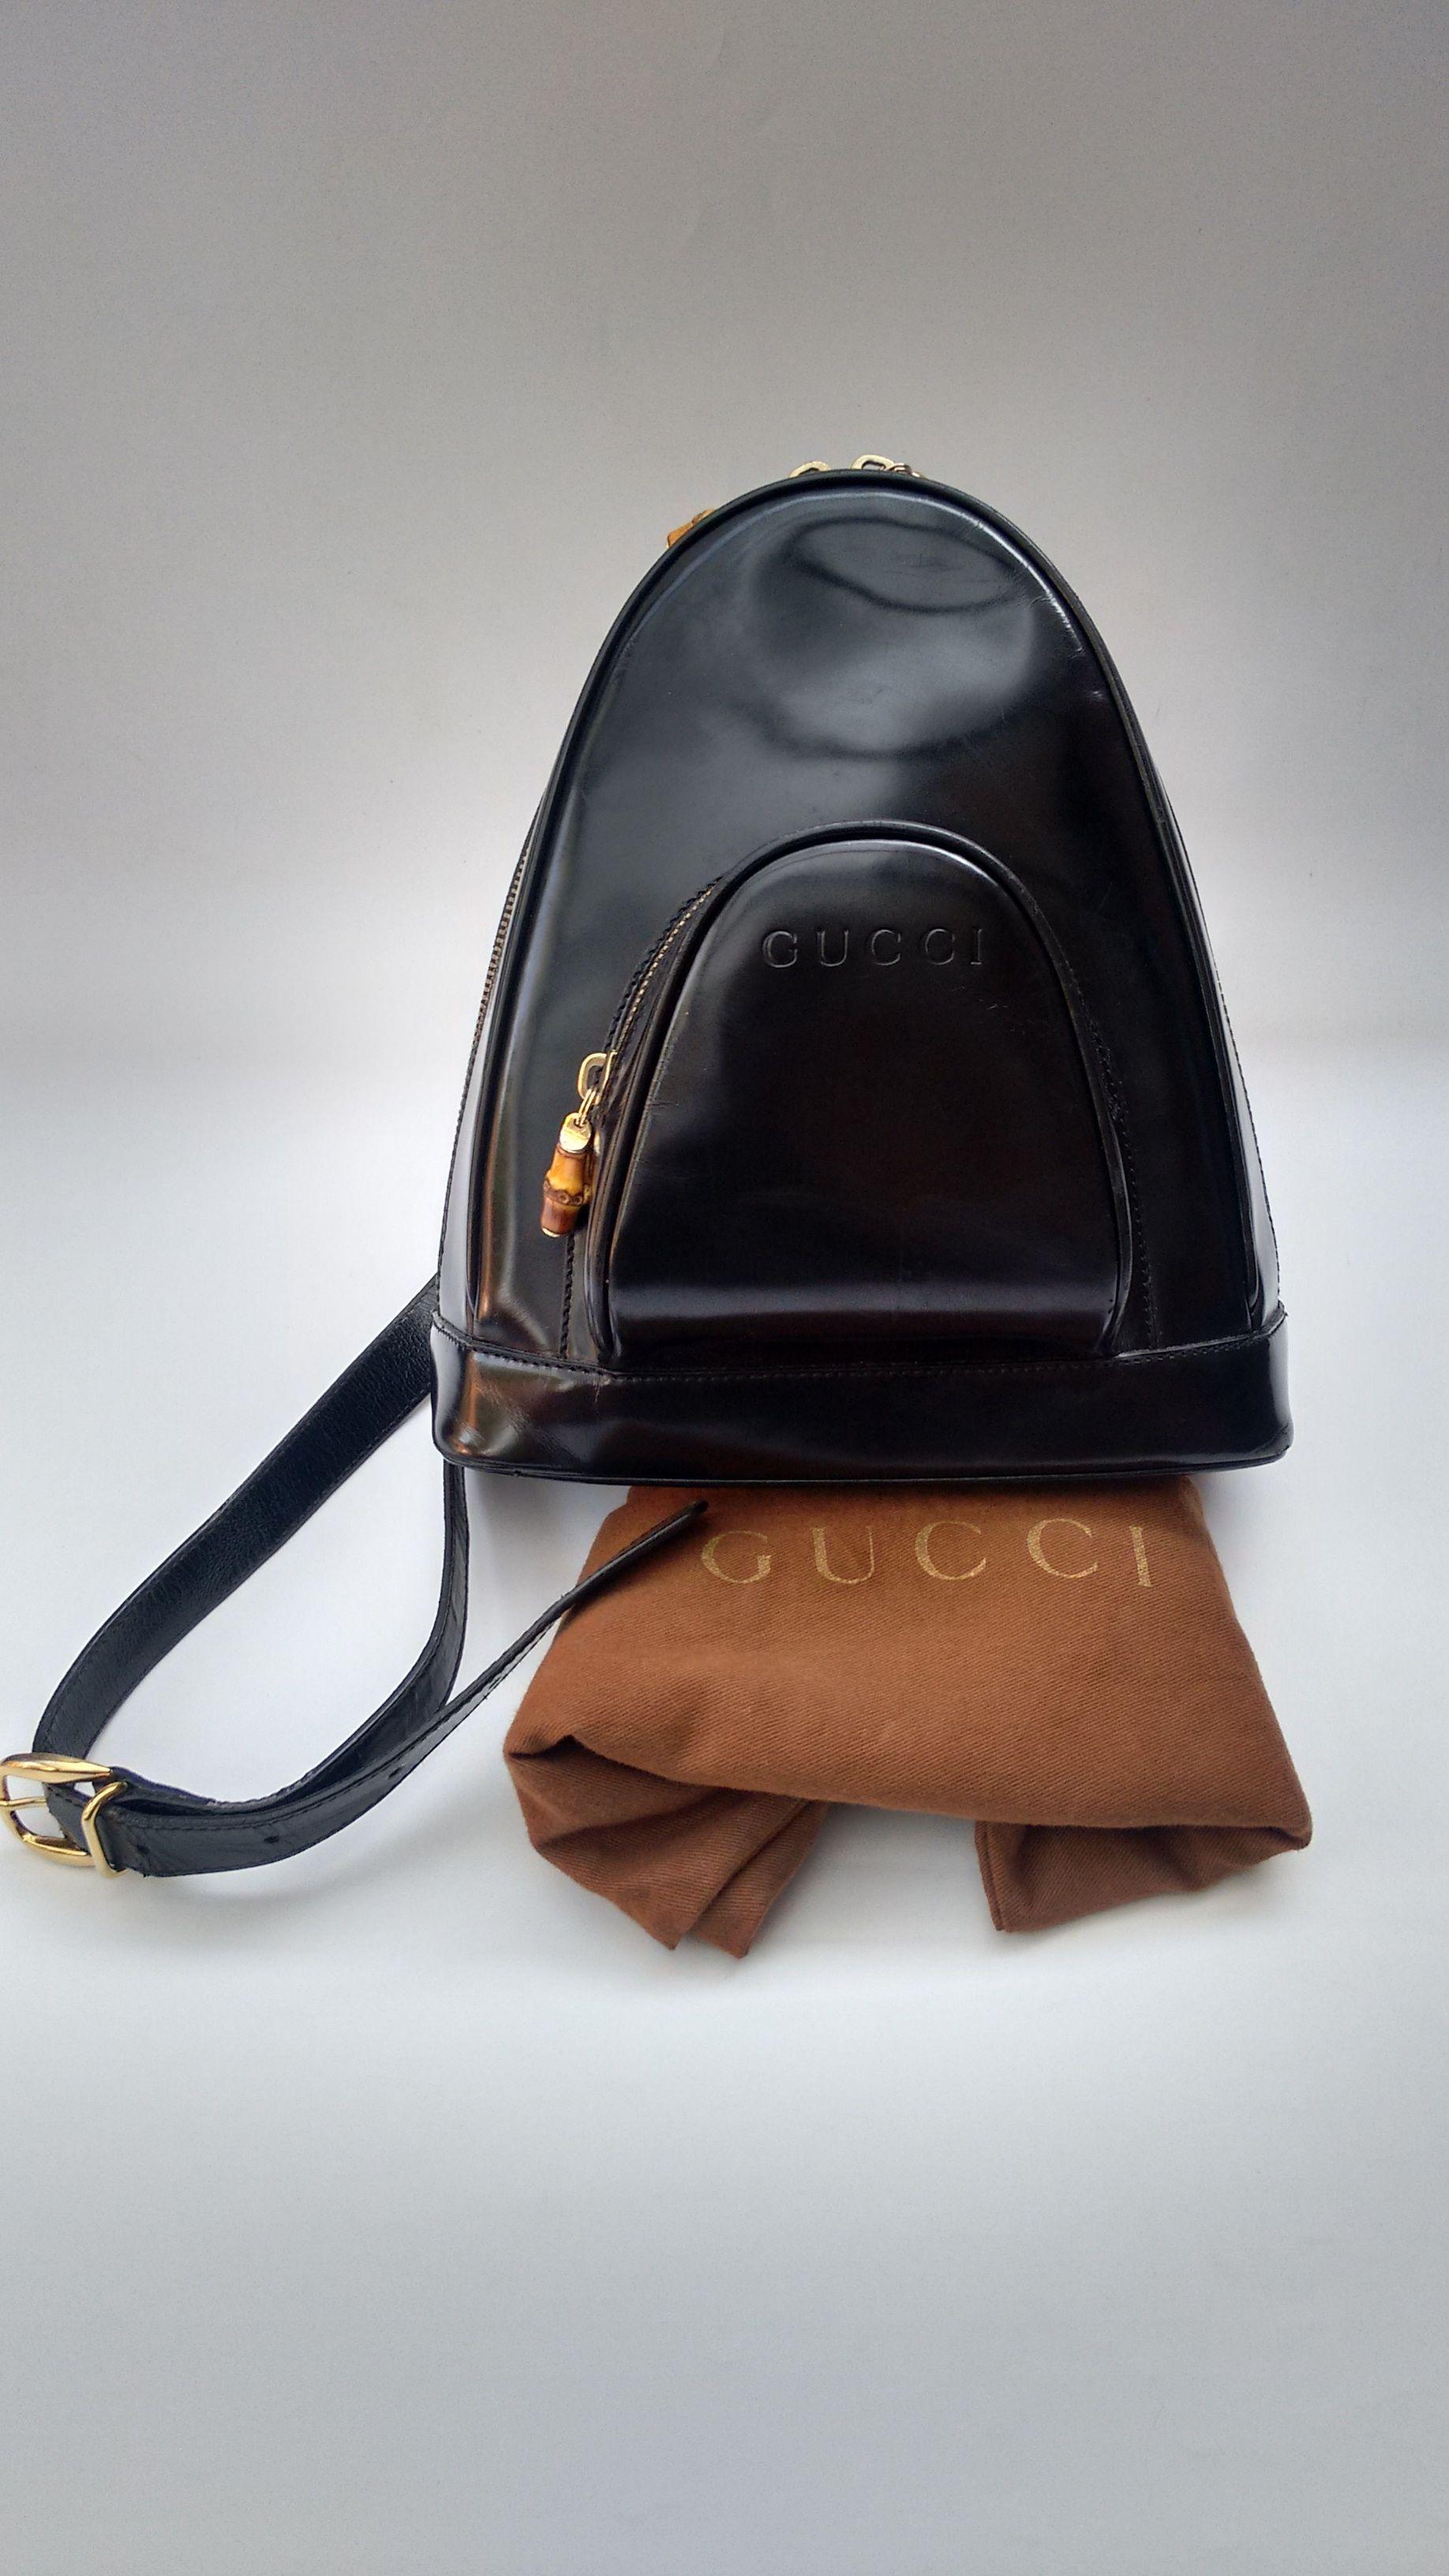 GUCCI Bamboo Vintage Black Leather Backpack   Shoulder Bag. Italian  designer purse. Tom Ford Era. 8656d620f4